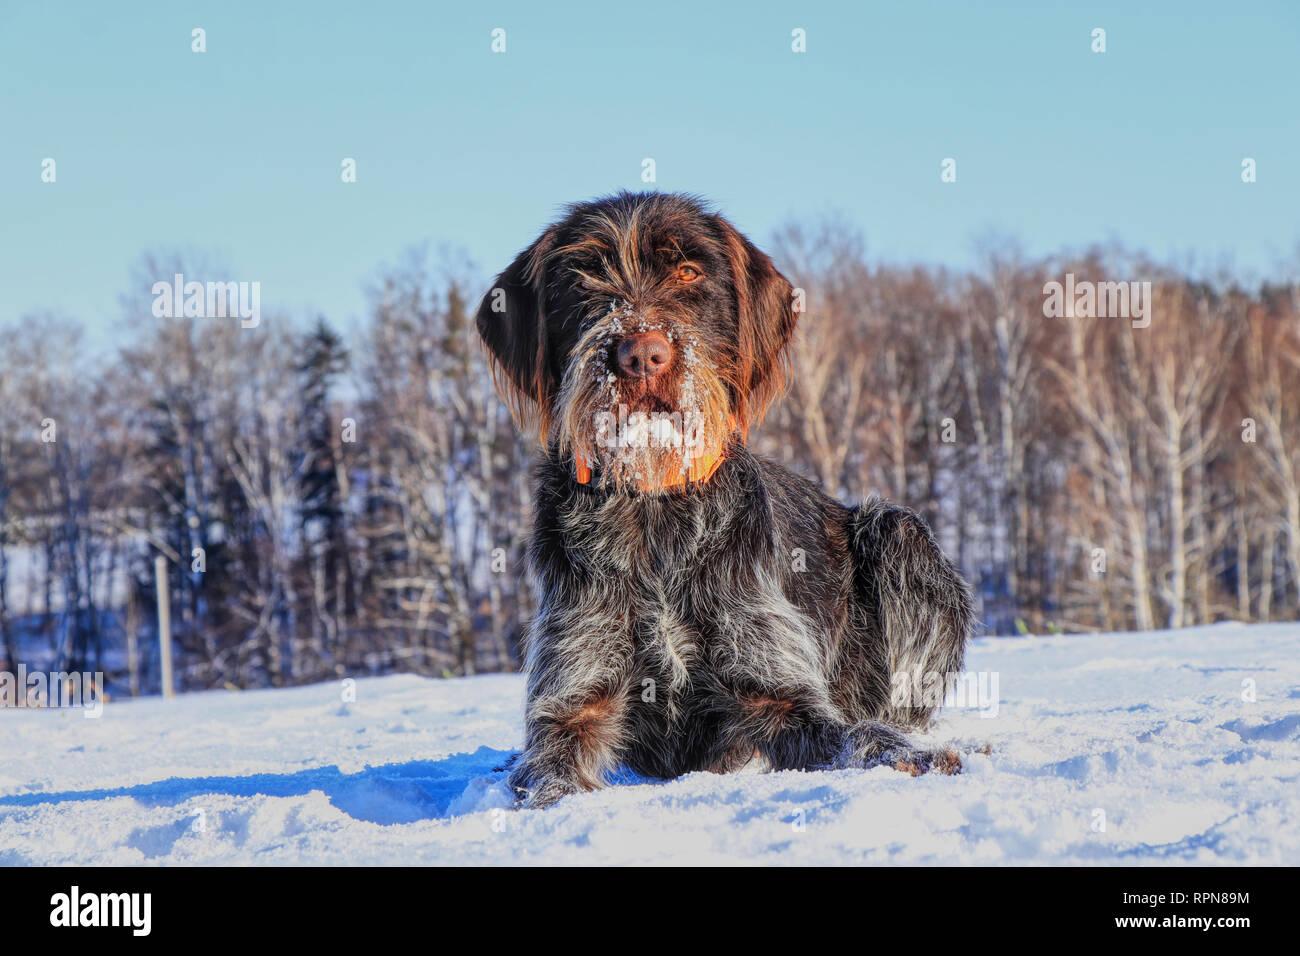 Un beau quartier bohème le Griffon à poil couché dans la neige et en attente de signal. Cesky fousek est grand chasseur. Griffon Korthals. Barbu tchequ Photo Stock